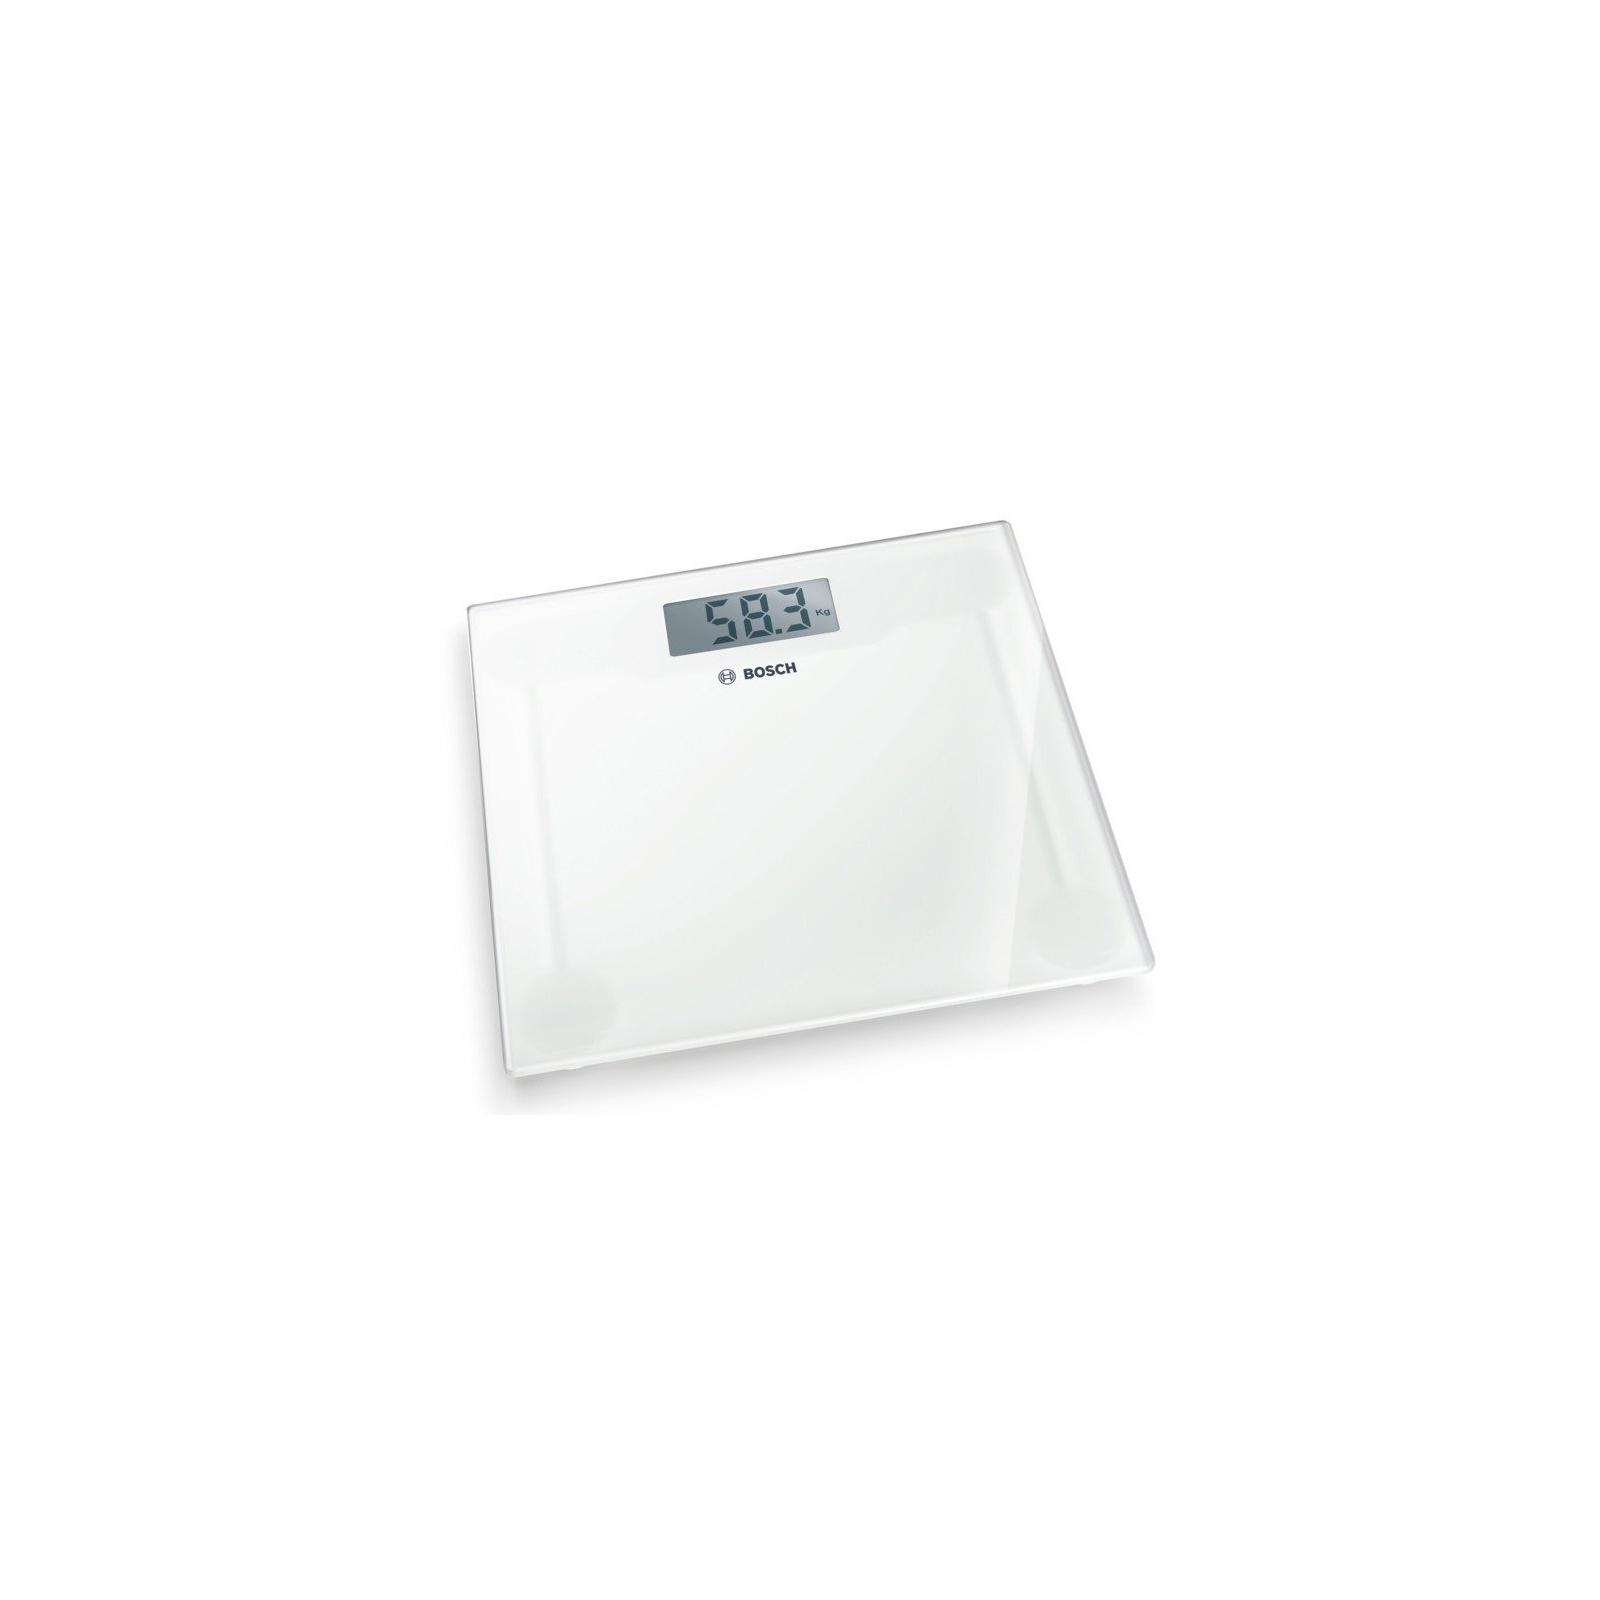 Весы напольные BOSCH PPW3300 изображение 2